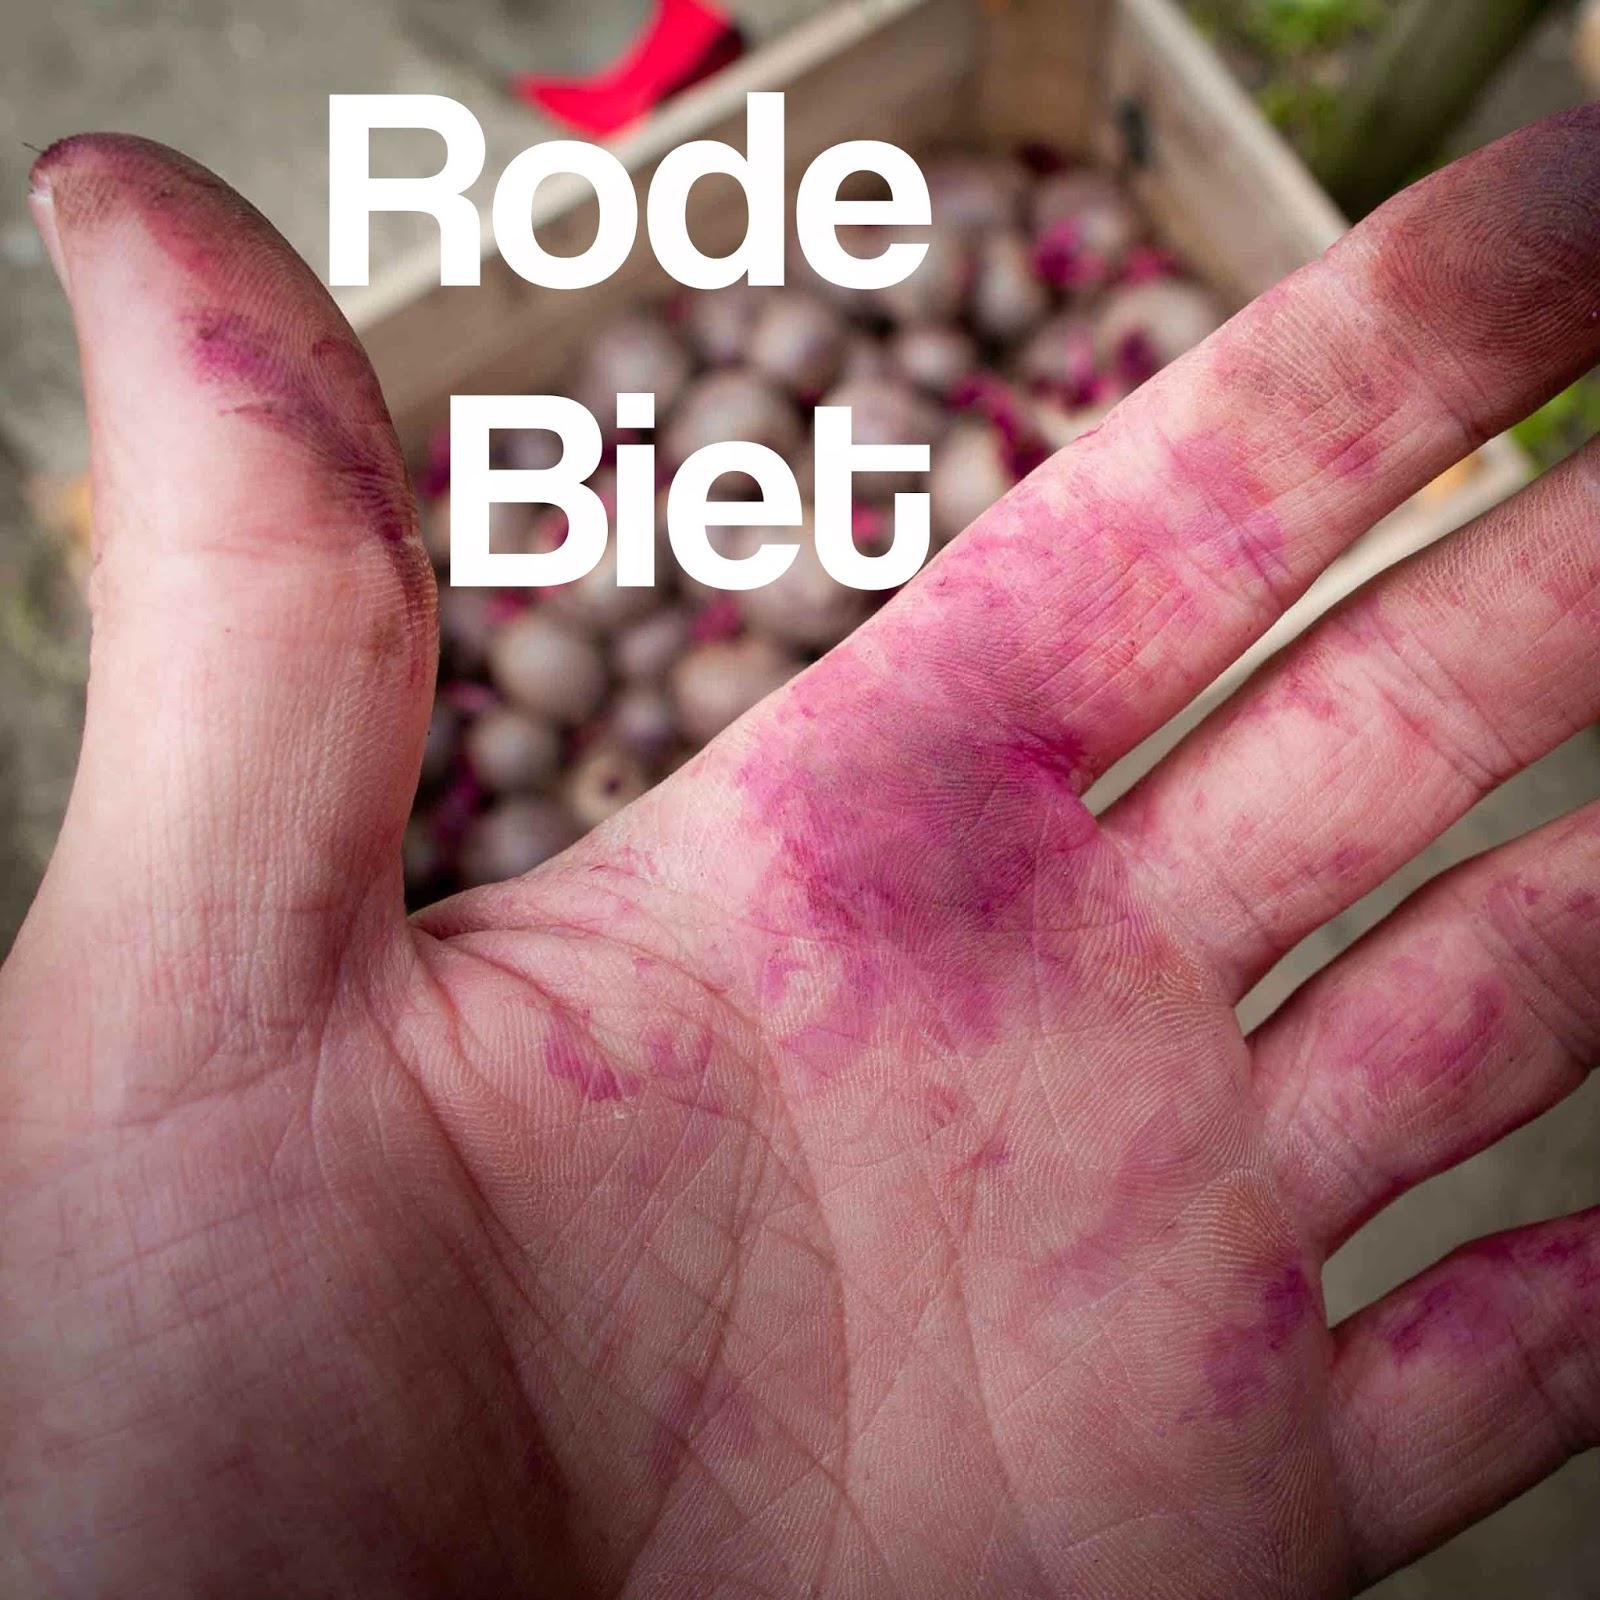 rode biet bieten bietjes